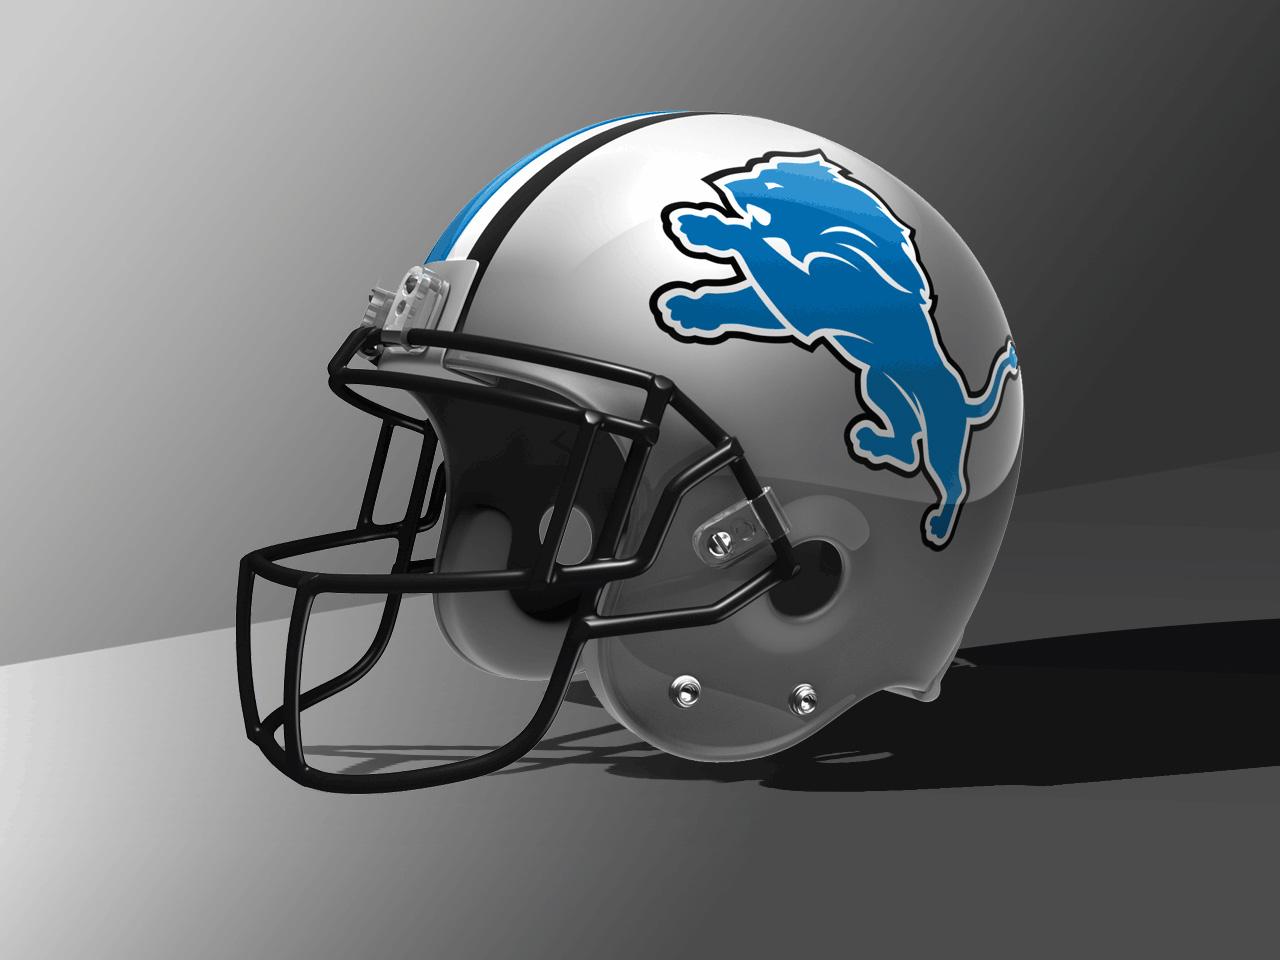 Detroit Lions   Wallpapers Pictures Pics Photos Images Desktop 1280x960